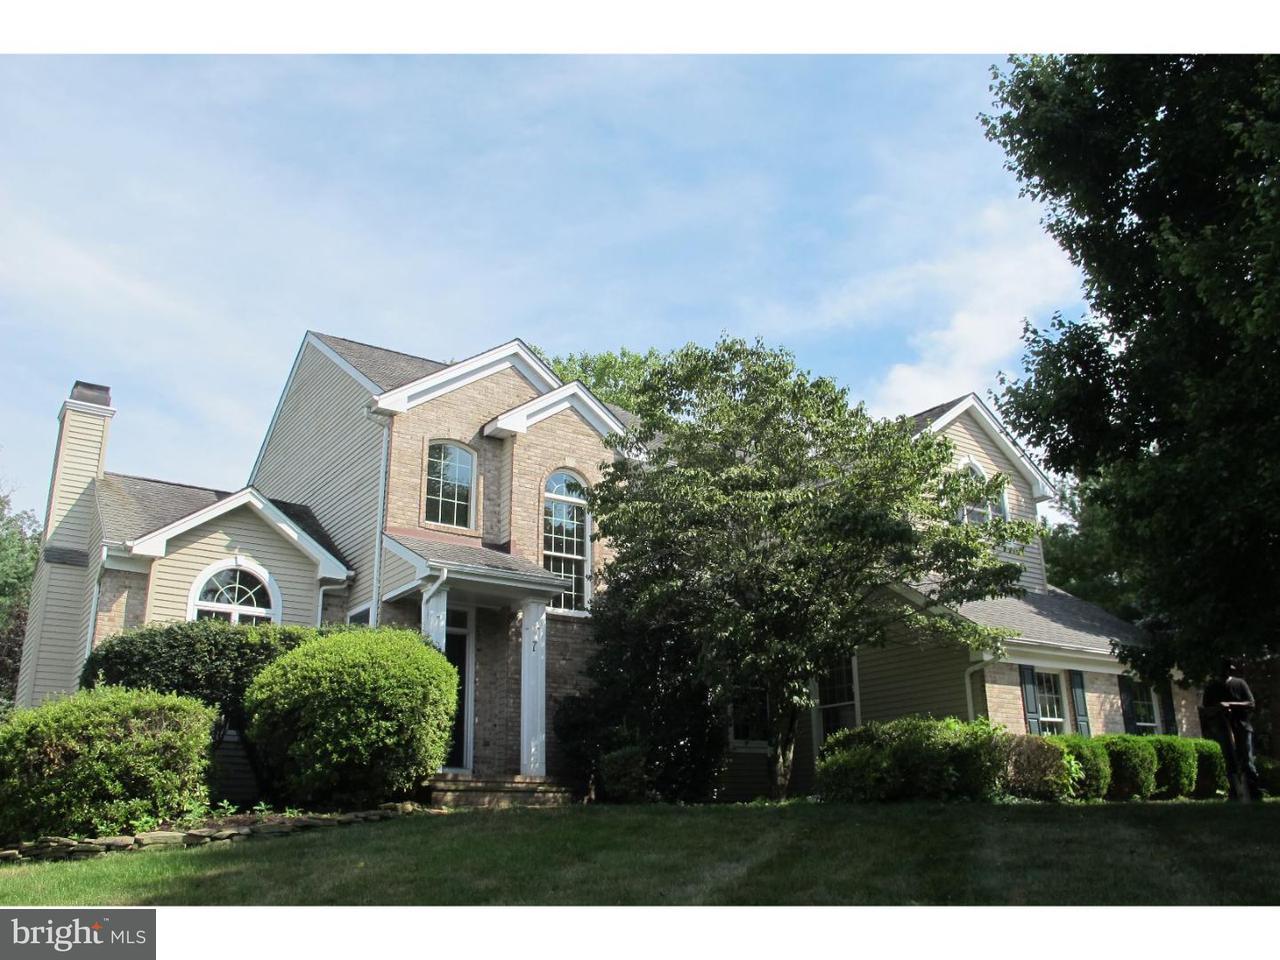 独户住宅 为 出租 在 7 HERITAGE HILLS Court 斯基尔曼, 新泽西州 08558 美国在/周边: Montgomery Township